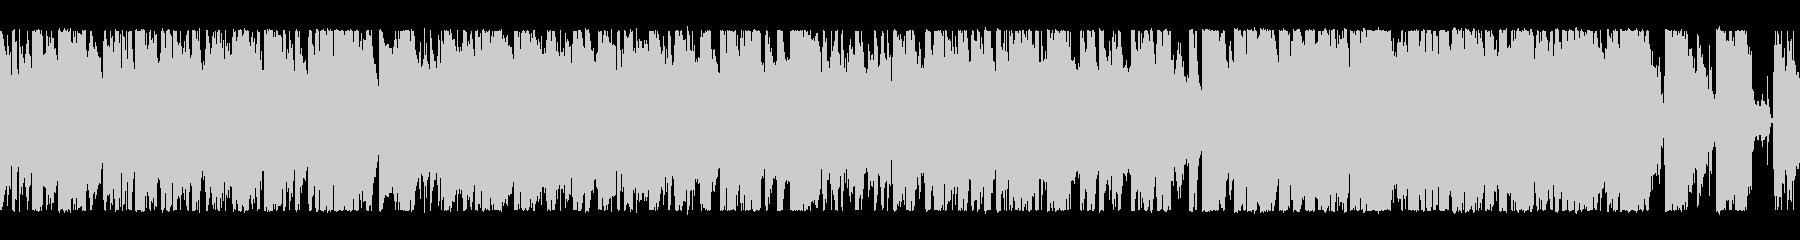 元気ハツラツブラス+ロック ループ2の未再生の波形